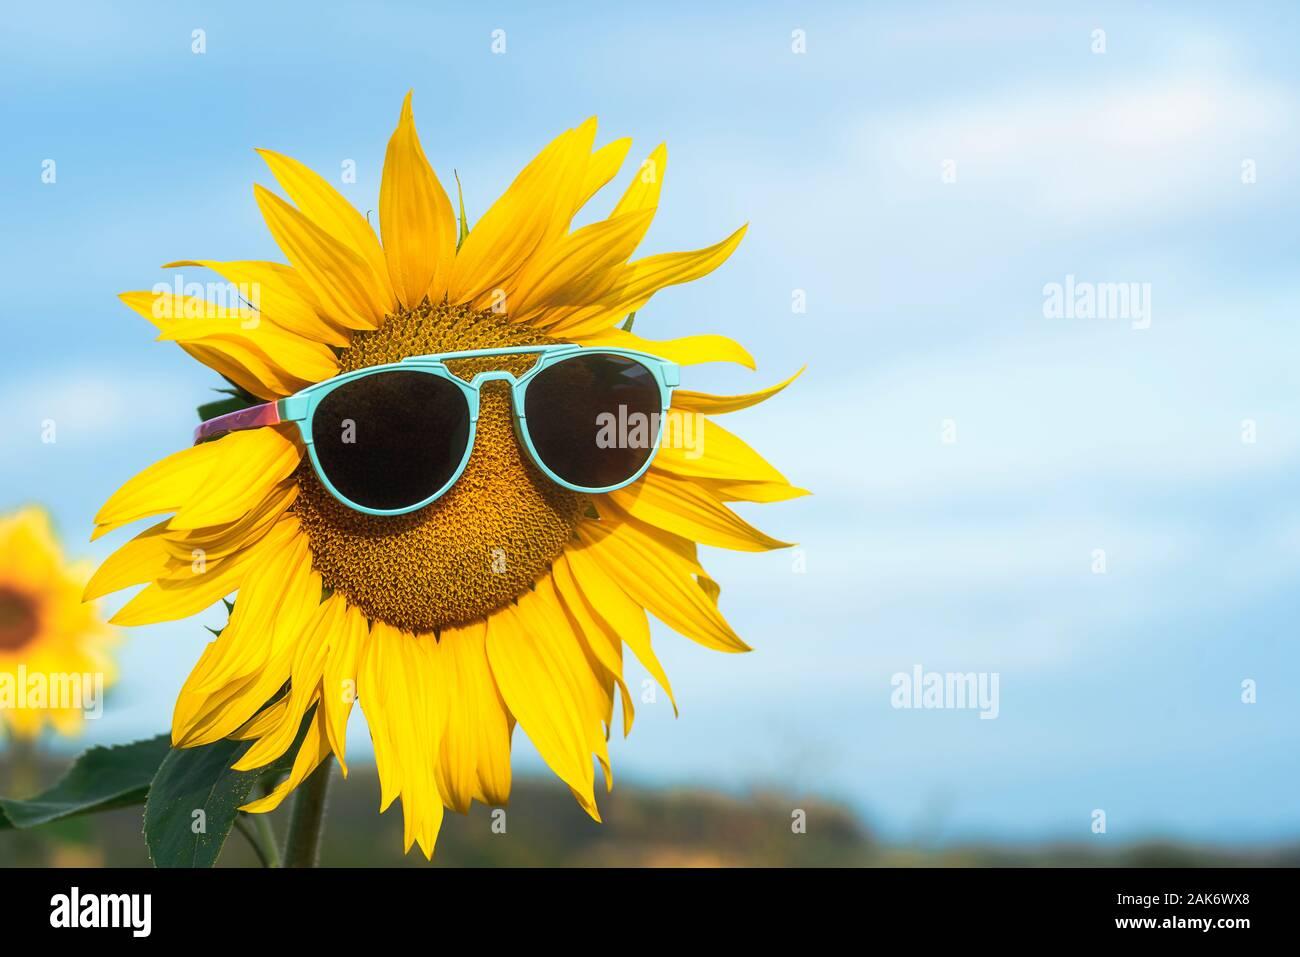 Divertido Girasol Con Gafas De Sol Fotos E Imagenes De Stock Alamy !feliz día de la mujer! https www alamy es girasol amarillo con gafas de sol contra un cielo azul en dia soleado de verano feliz y soleado verano concepto fondo de vacaciones de verano bloom girasol image338827504 html